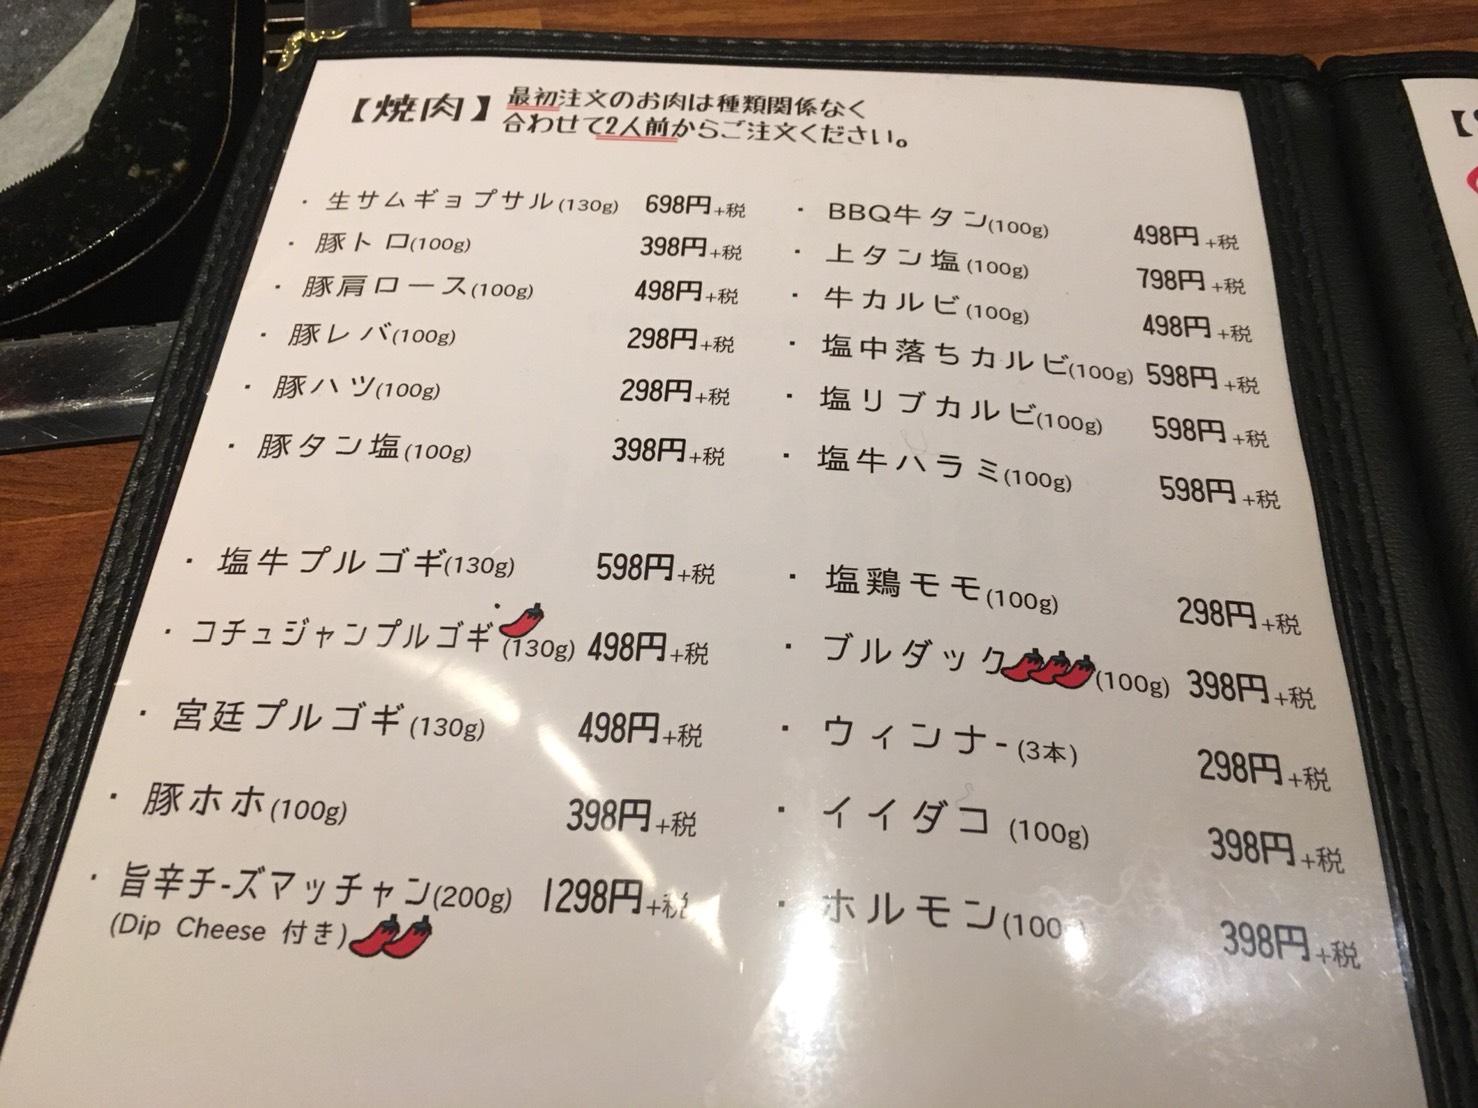 【池袋駅】学生人気高め!韓国料理1,980円食べ放題の激安!「トンチュヤ 池袋東口店」のアラカルトメニュー